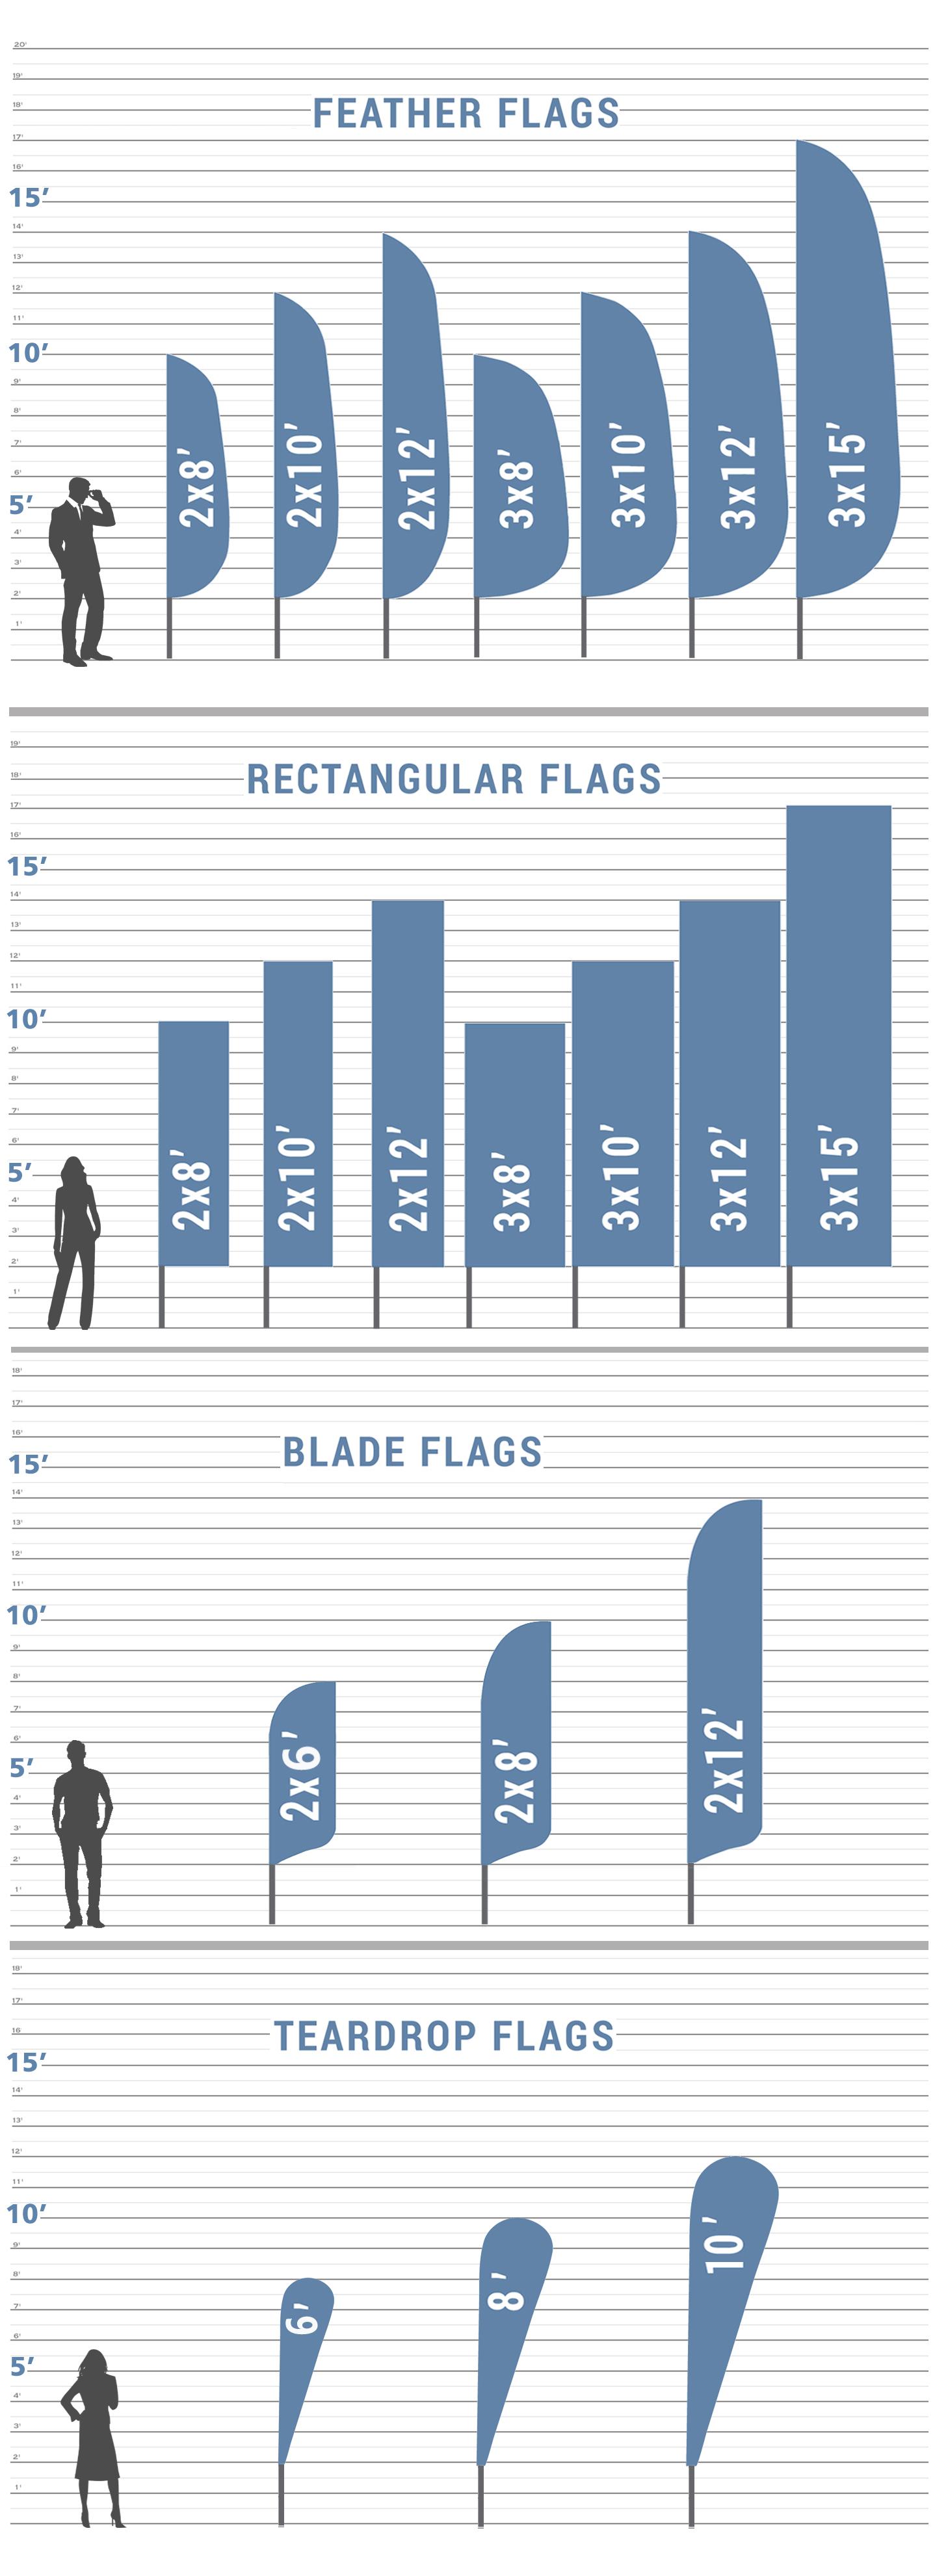 scale-comparison-silhouettes.jpg